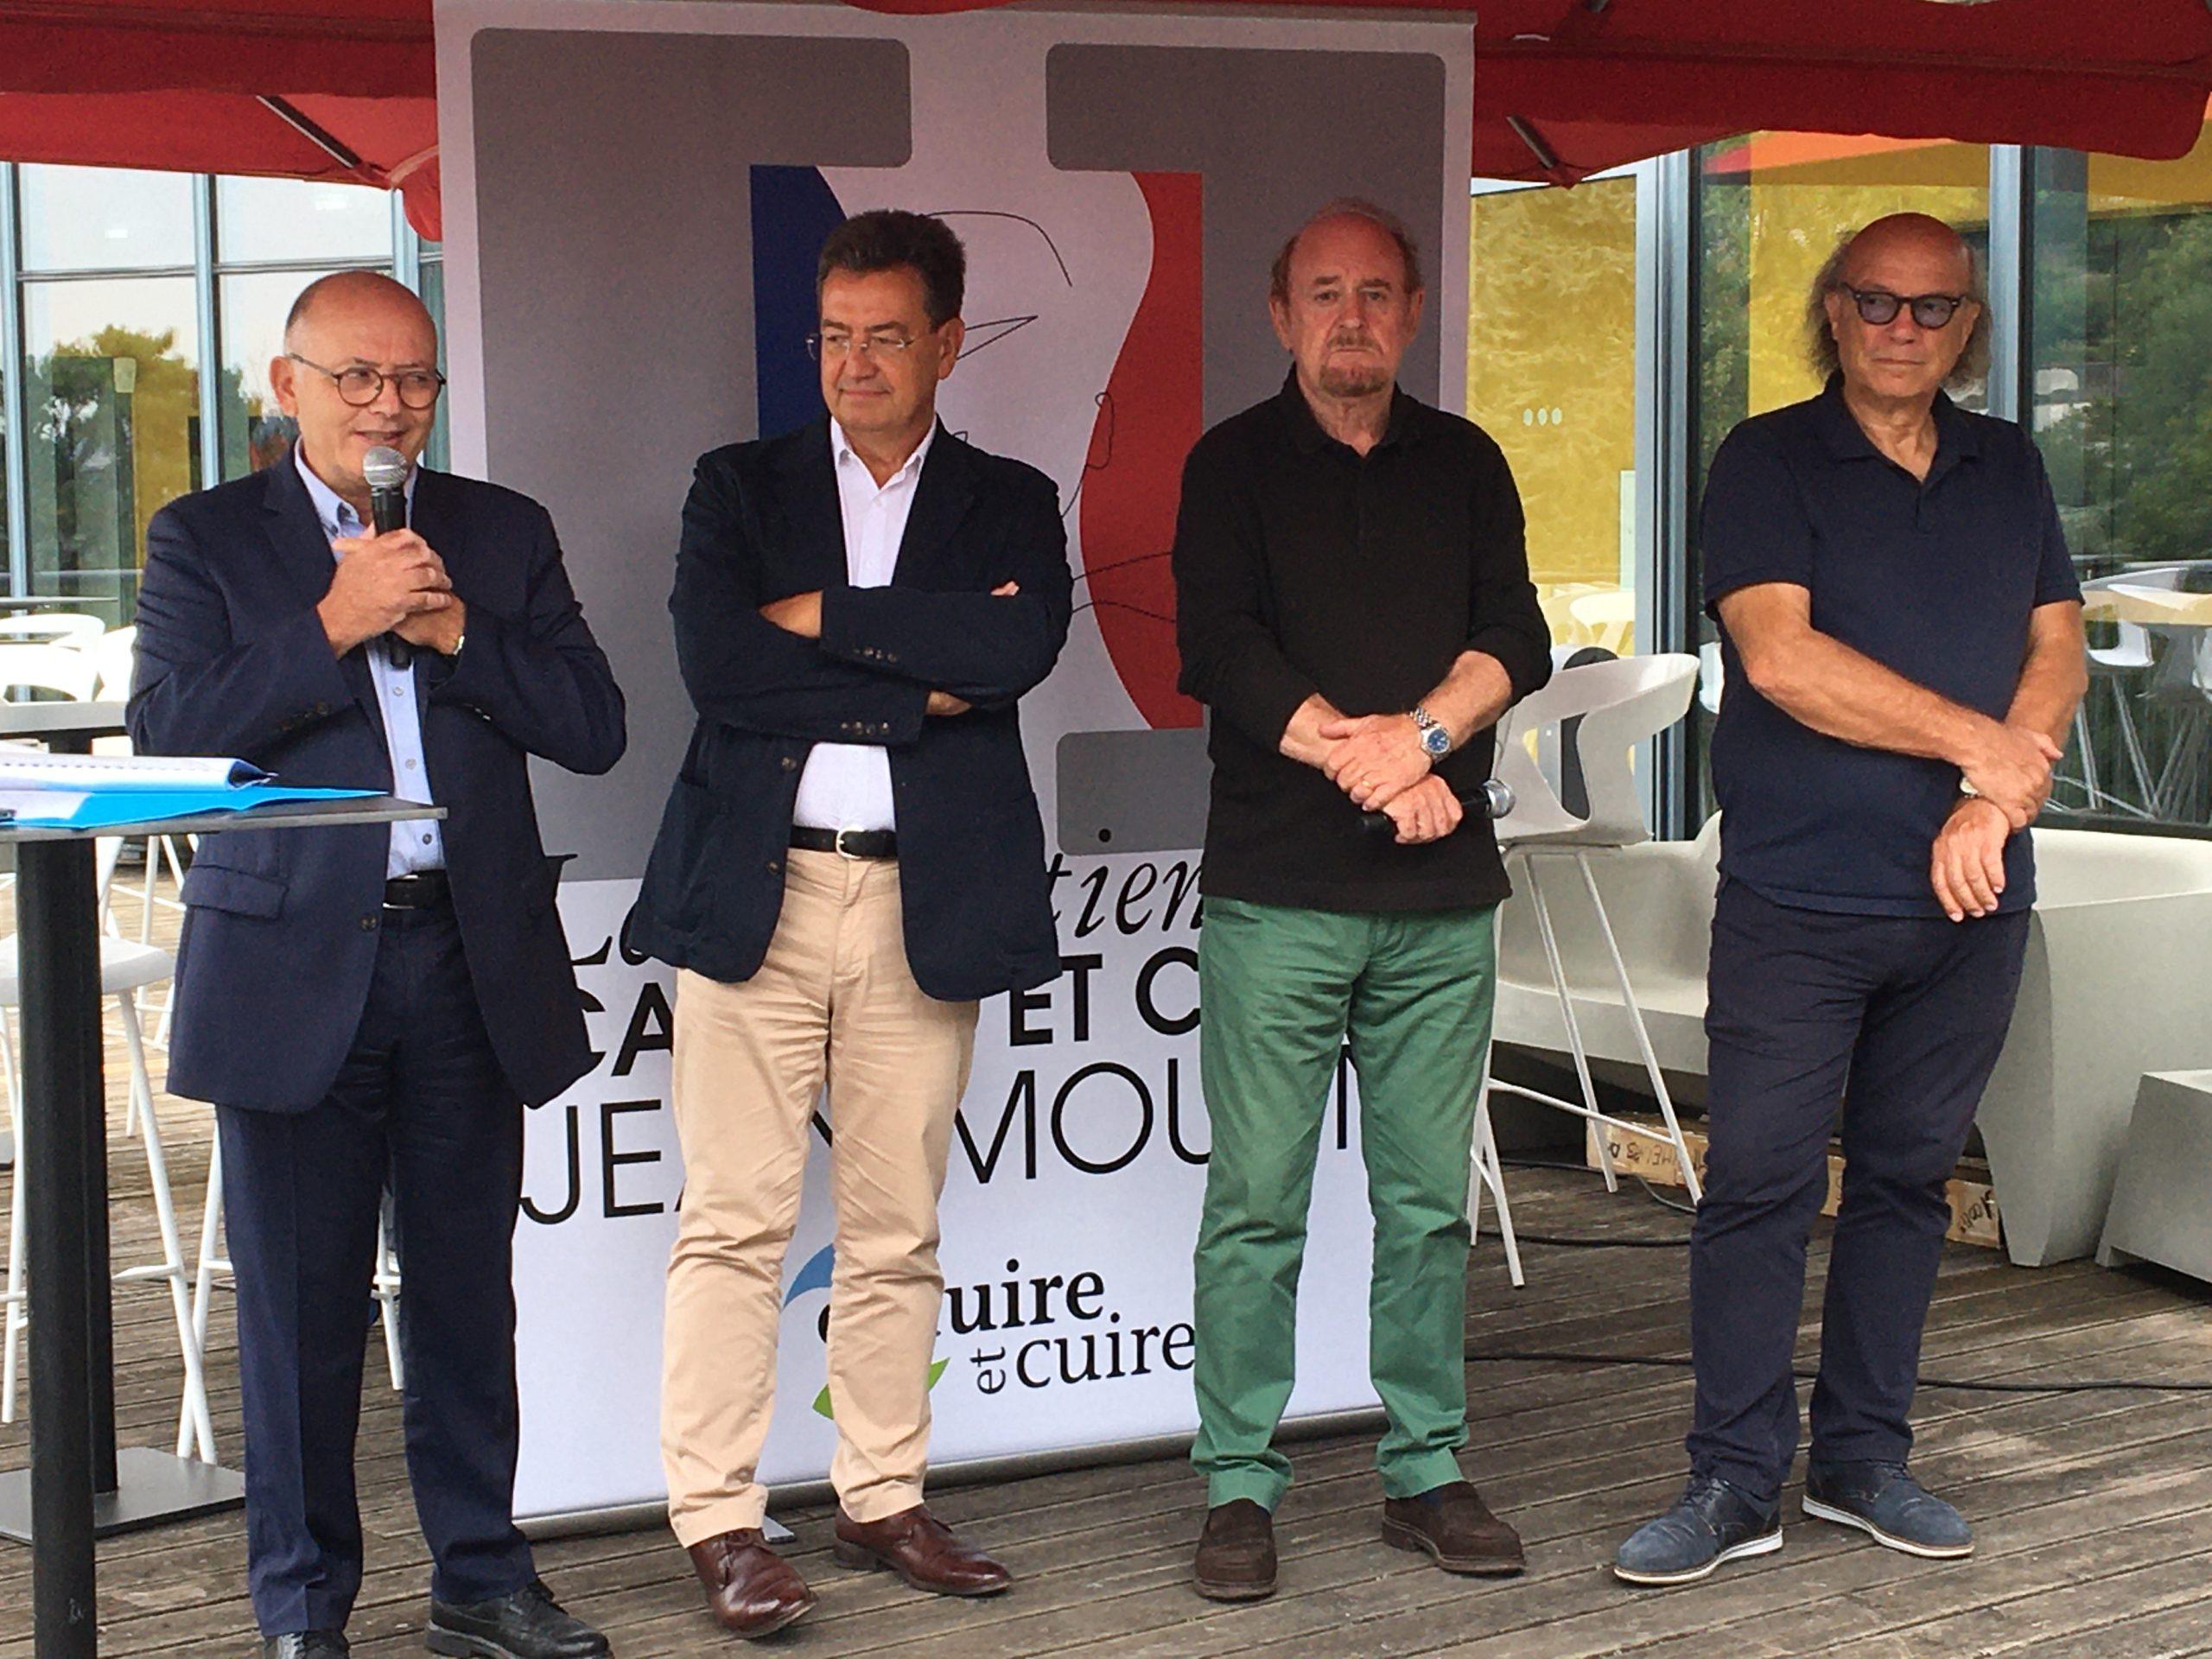 Les entretiens de Caluire-et-Cuire - Jean Moulin 2021